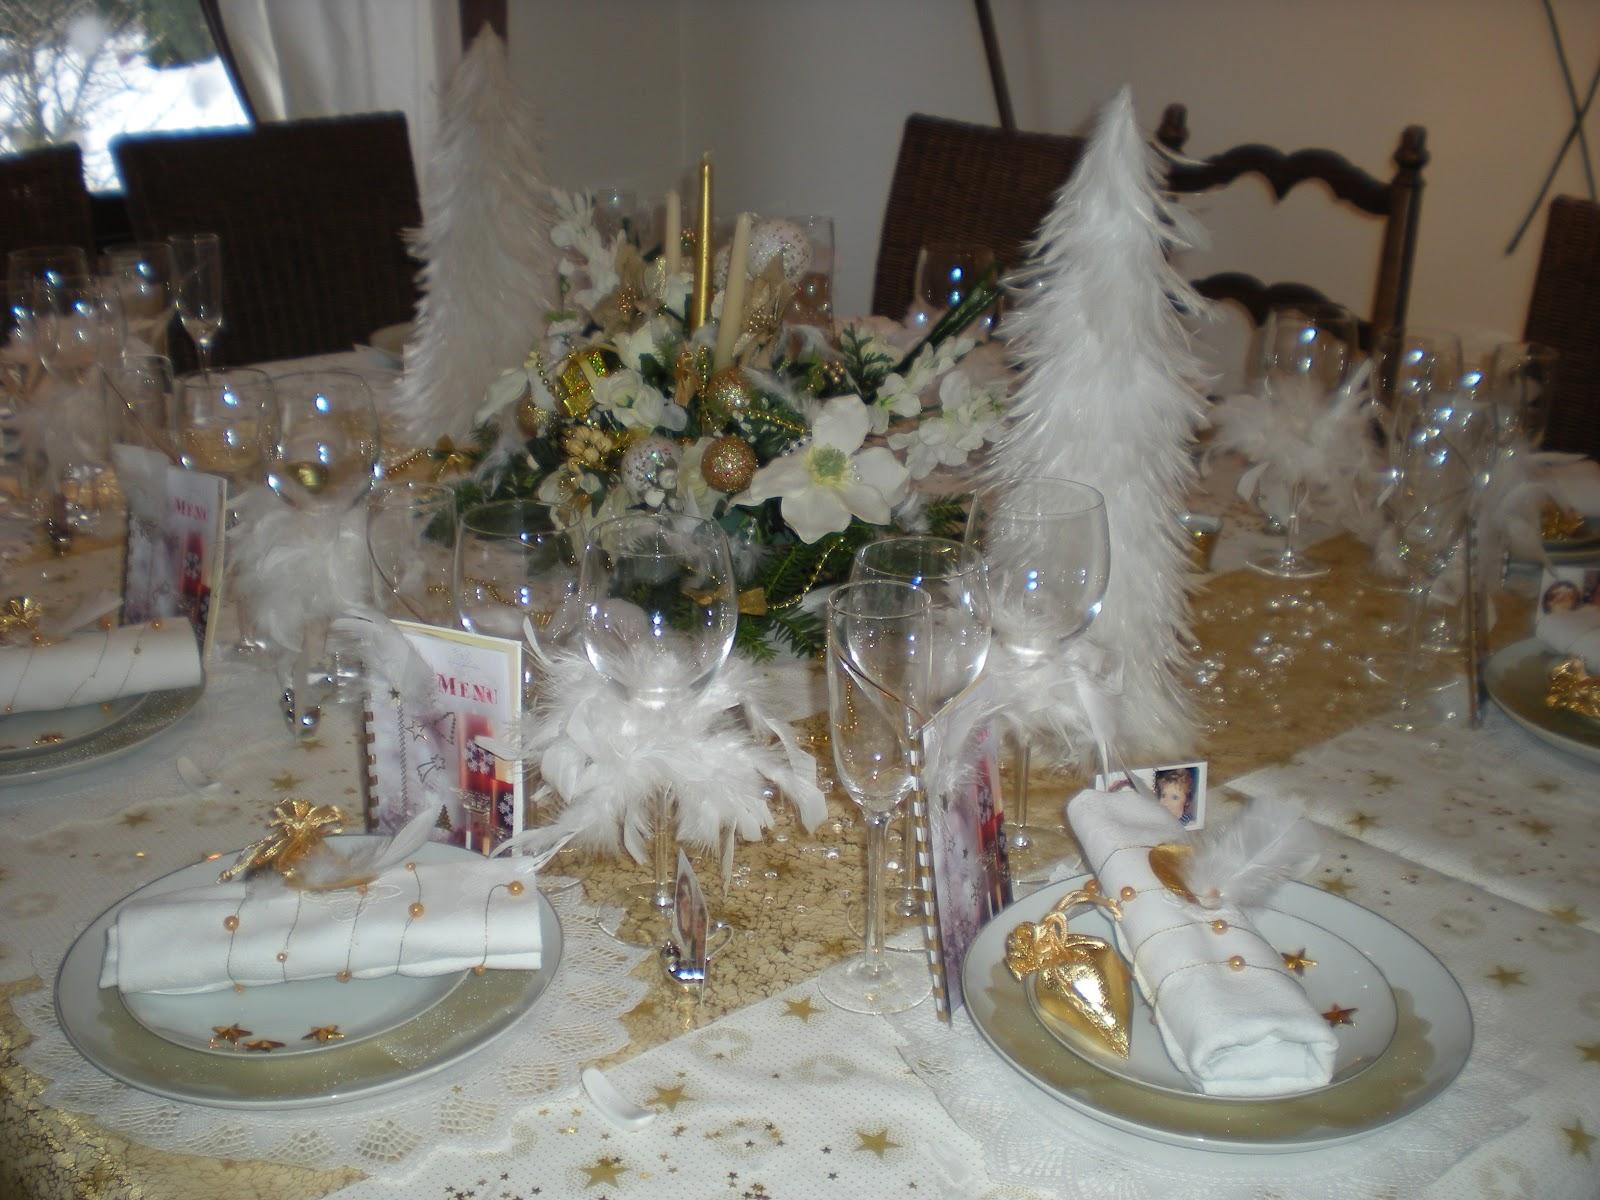 #5F4D39 Déco De Noël En Or Et Blanc . Déco De Table à Thèmes 6059 decoration de noel table blanc 1600x1200 px @ aertt.com